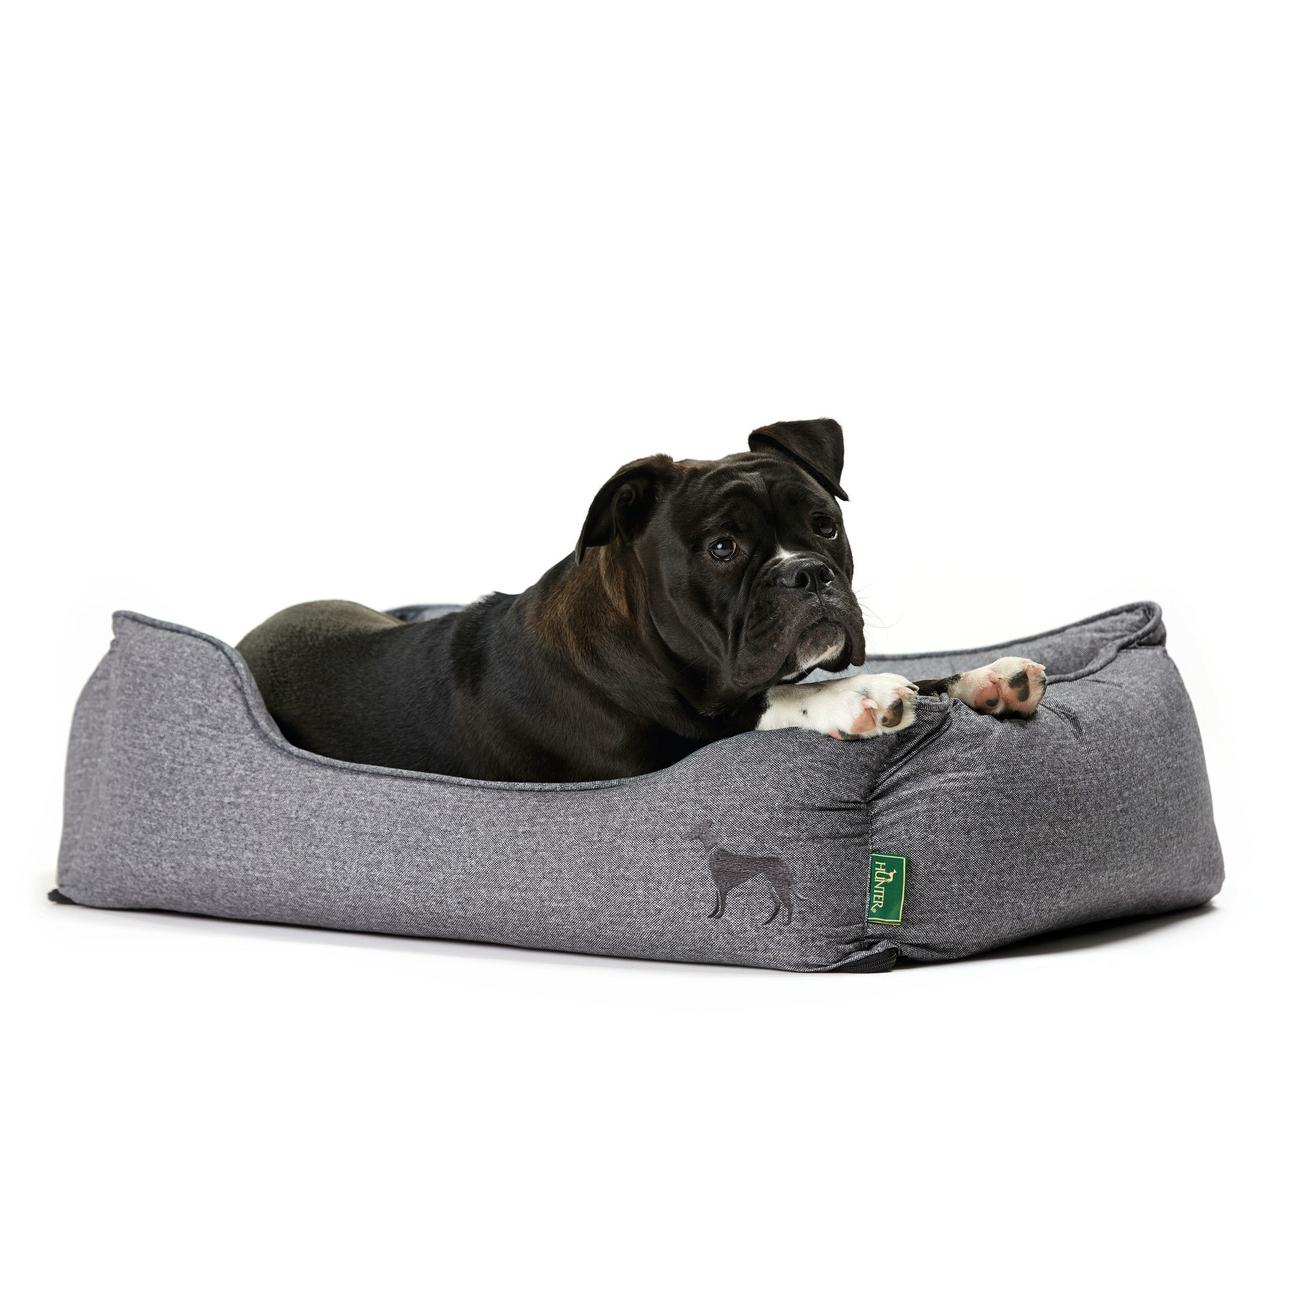 Hunter Hundesofa Hundebett Boston Microfaser 61429, Bild 4